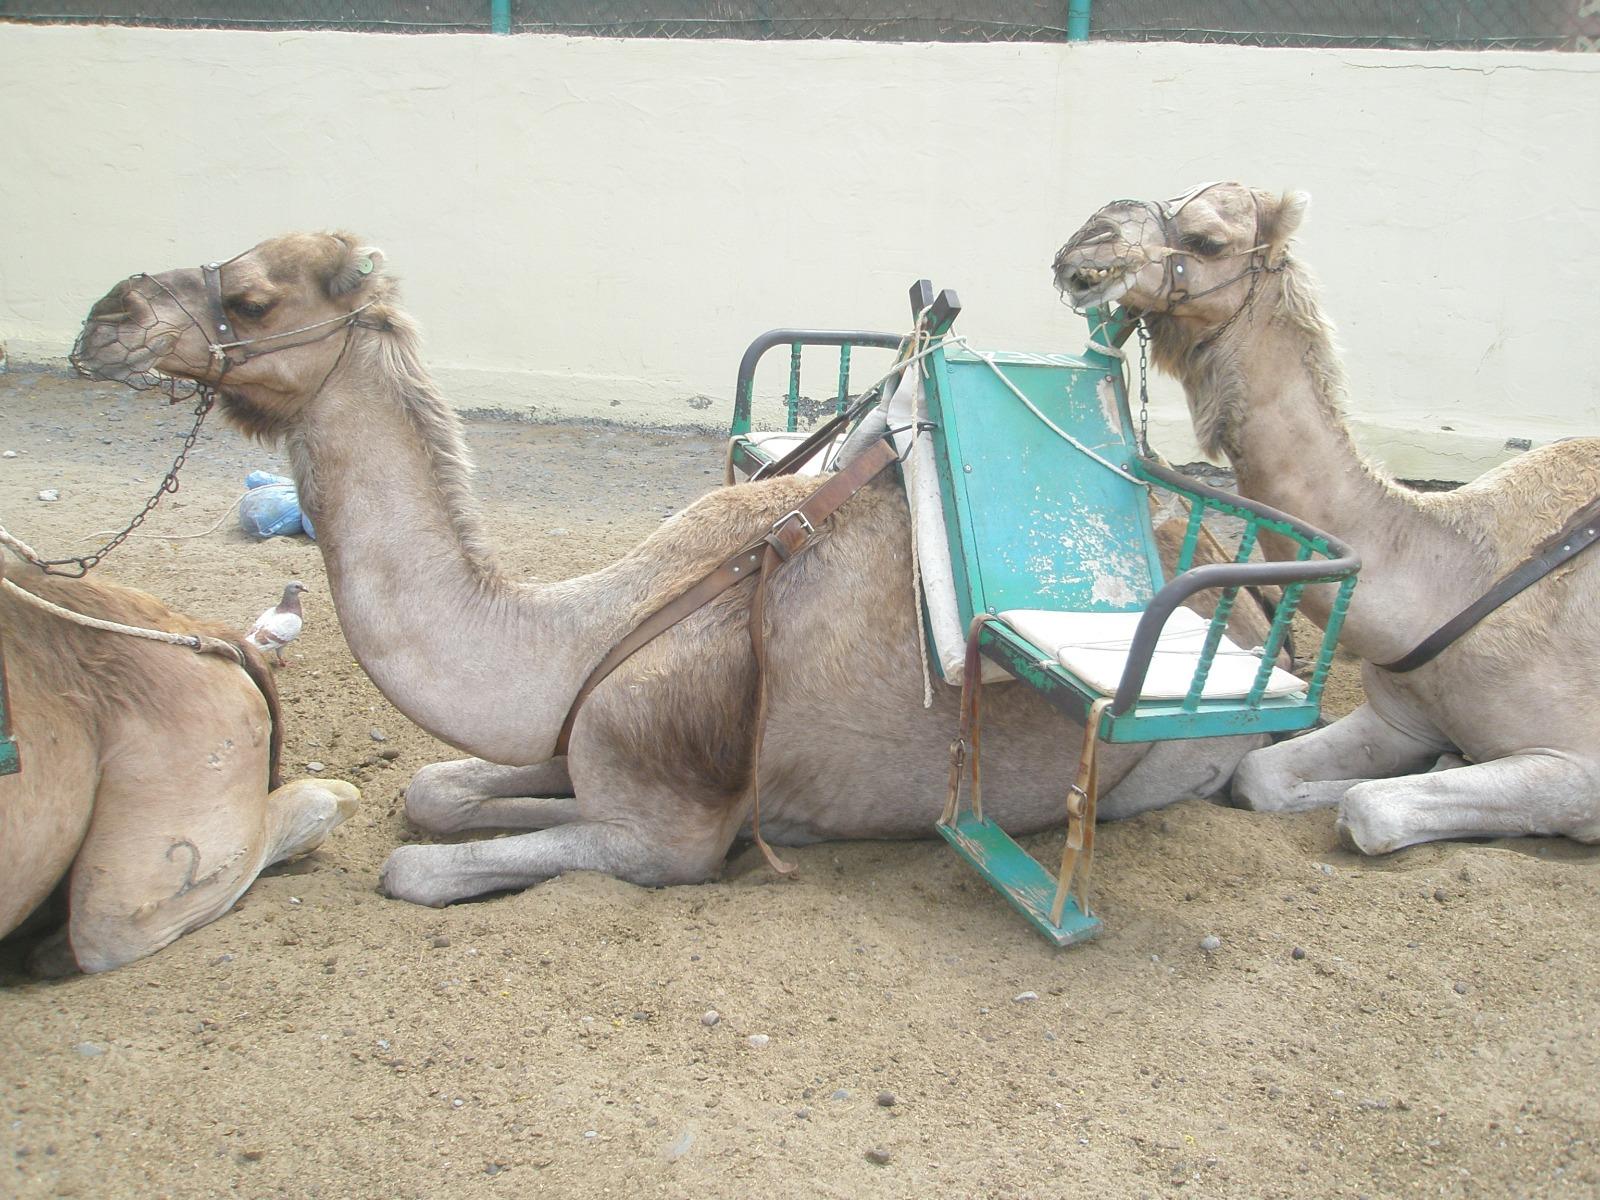 camellos - desierto - arena